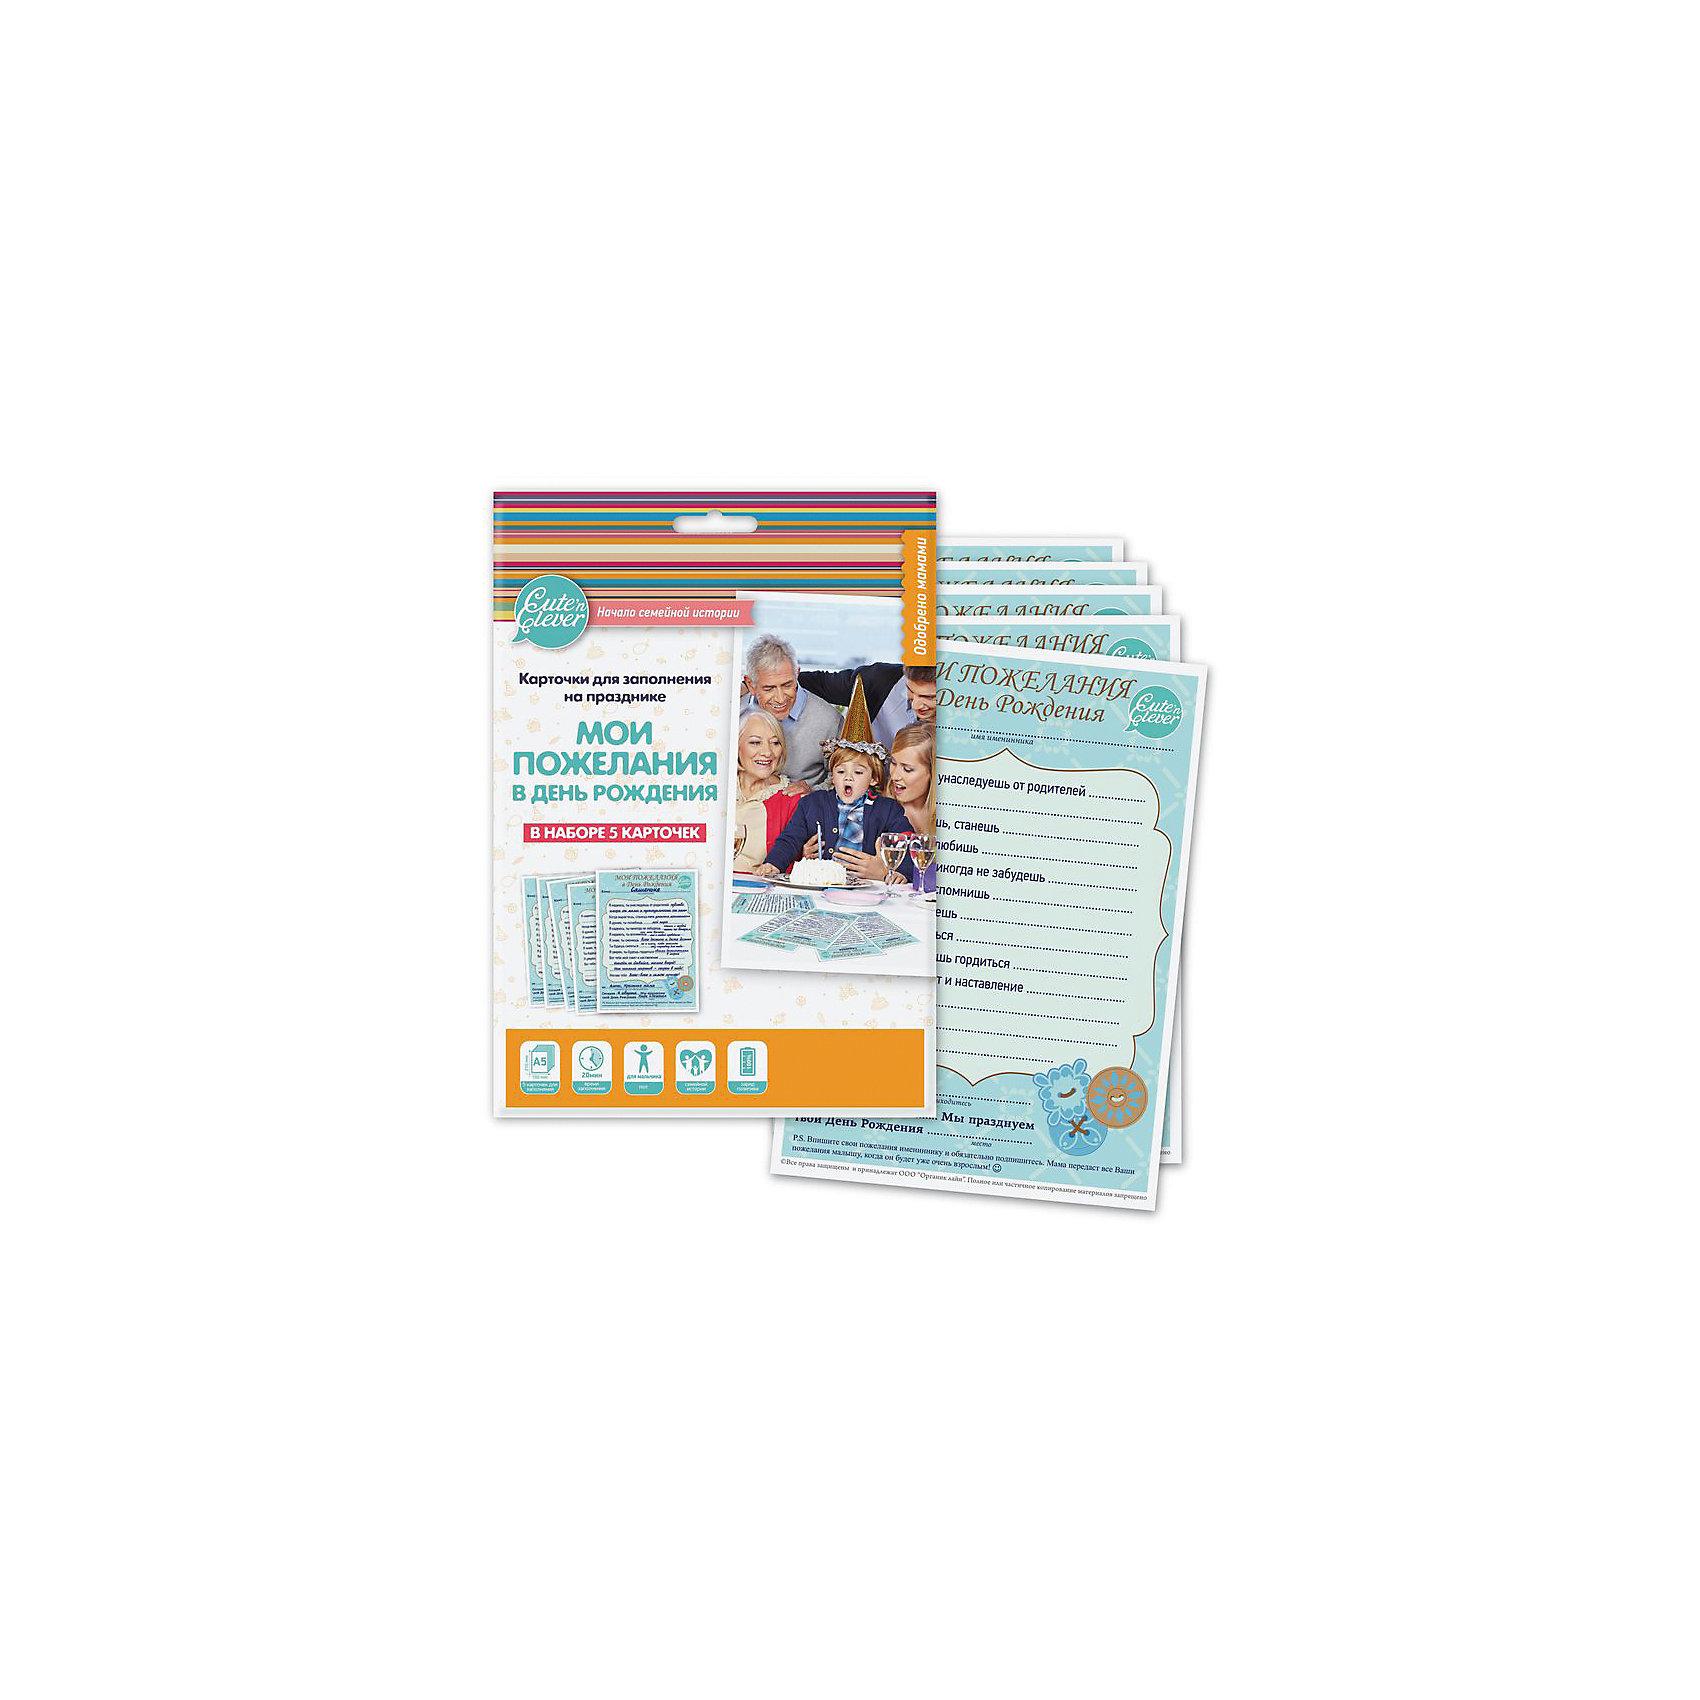 Интерактивные карточки Мои пожелания в День рождения. Для мальчиков, Cuten CleverИнтерактивные карточки Мои пожелания в День рождения. Для мальчиков, Cuten Clever.<br><br>Характеристики:<br><br>• В наборе: 5 карточек в конверте<br>• Материал: картон<br>• Цвет: голубой<br>• Размер упаковки: 17х26,5 см.<br><br>Хотите немного интерактива в День Рождения? Предлагаем Вам замечательные карточки Мои Пожелания в День Рождения. Для мальчика. Эти карточки следует раздать гостям на празднике для заполнения и вместо банальных поздравлений, у малыша будут оригинальные и интересные пожелания на будущее. Гости предположат, кем малыш сможет стать, когда вырастет, чего он сможет достичь и т.д. <br><br>Перечень пожеланий начинается с фразы, напечатанной заранее. Нужно только продолжить фразу на отведенных для этого линиях. На карточках есть место для даты события, имени именинника и гостя, который пишет поздравление. Очень забавно будет перечитать пророчества гостей и увидеть, что сбылось, когда вашему мальчику исполнится 25 лет!<br><br>Интерактивные карточки Мои пожелания в День рождения. Для мальчиков, Cuten Clever можно купить в нашем интернет-магазине.<br><br>Ширина мм: 265<br>Глубина мм: 170<br>Высота мм: 50<br>Вес г: 50<br>Возраст от месяцев: 36<br>Возраст до месяцев: 2147483647<br>Пол: Мужской<br>Возраст: Детский<br>SKU: 5454165